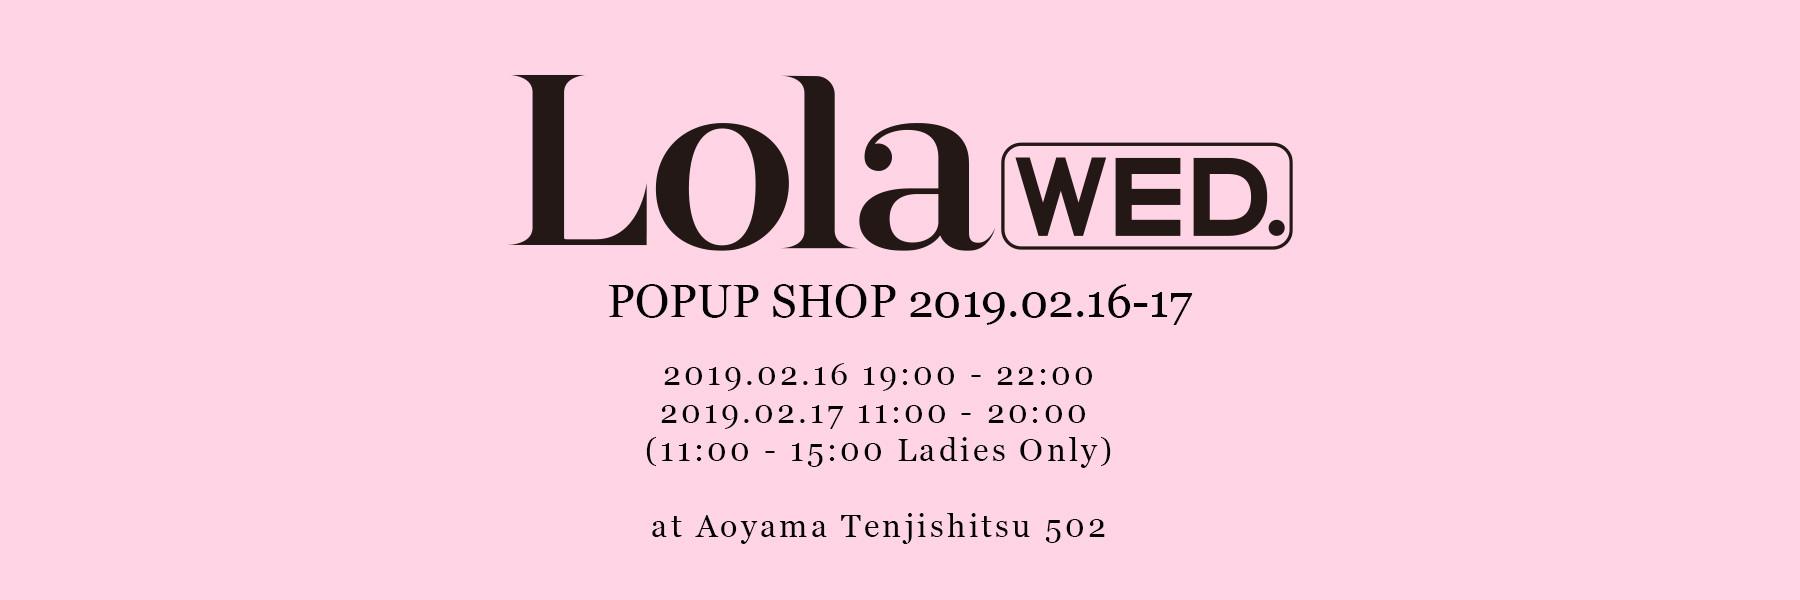 Lola wed. 2月ポップアップショップ開催のお知らせ